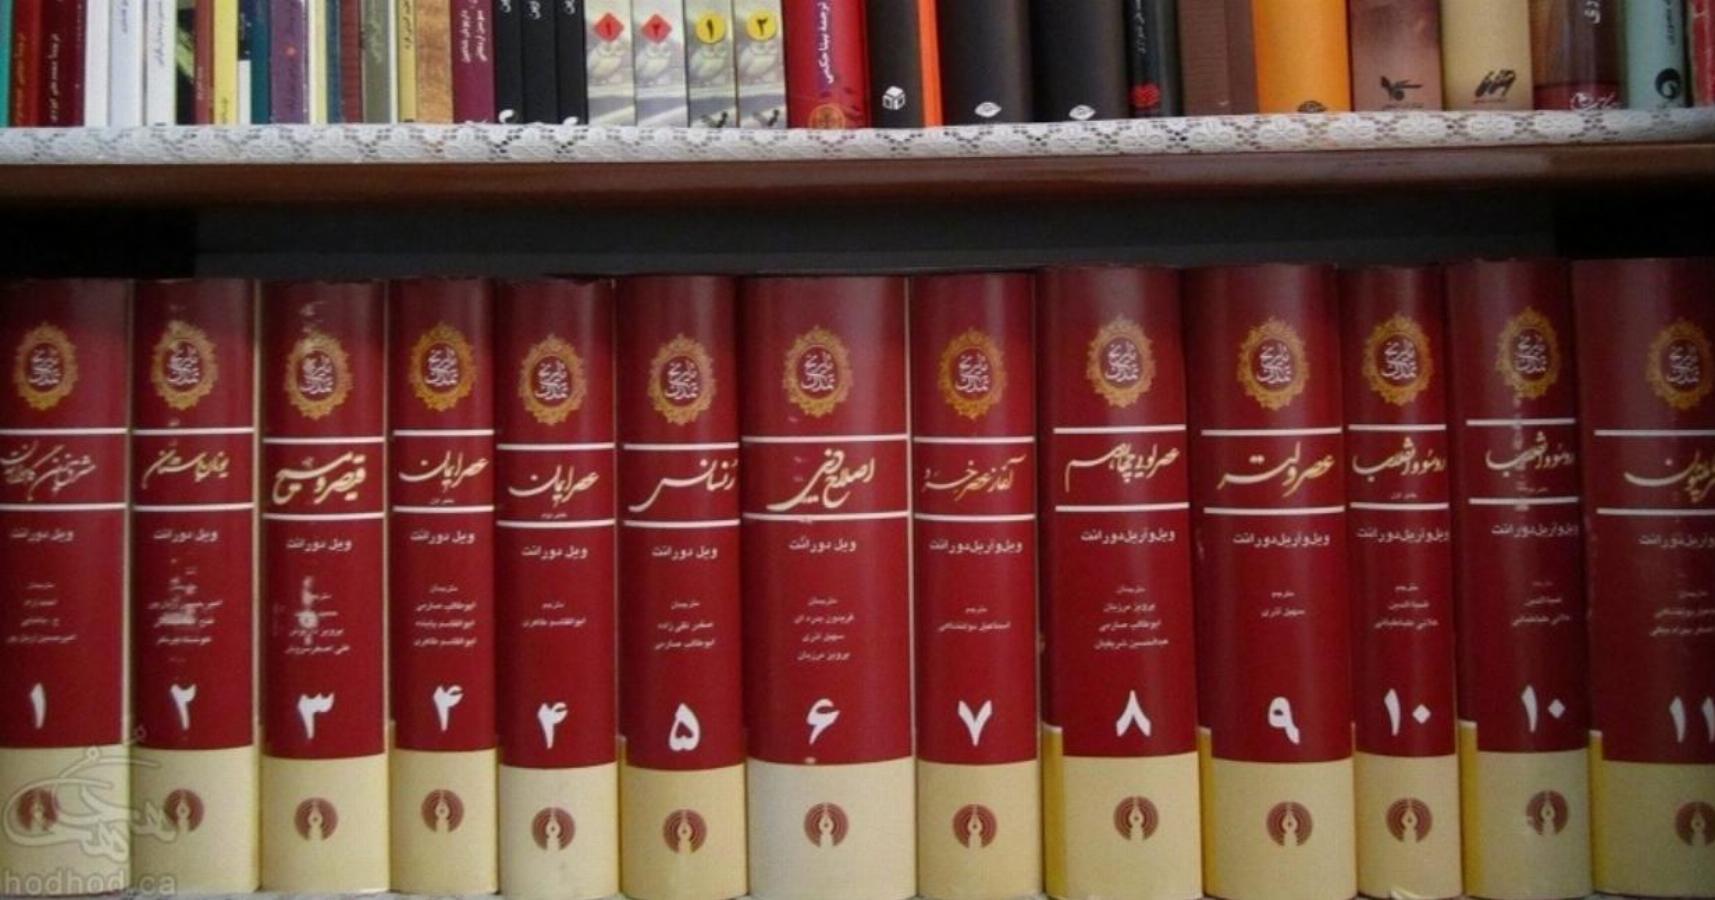 تاریخ تمدن اثر ویل دورانت: مجموعه کتابی به شکوه تاریخ